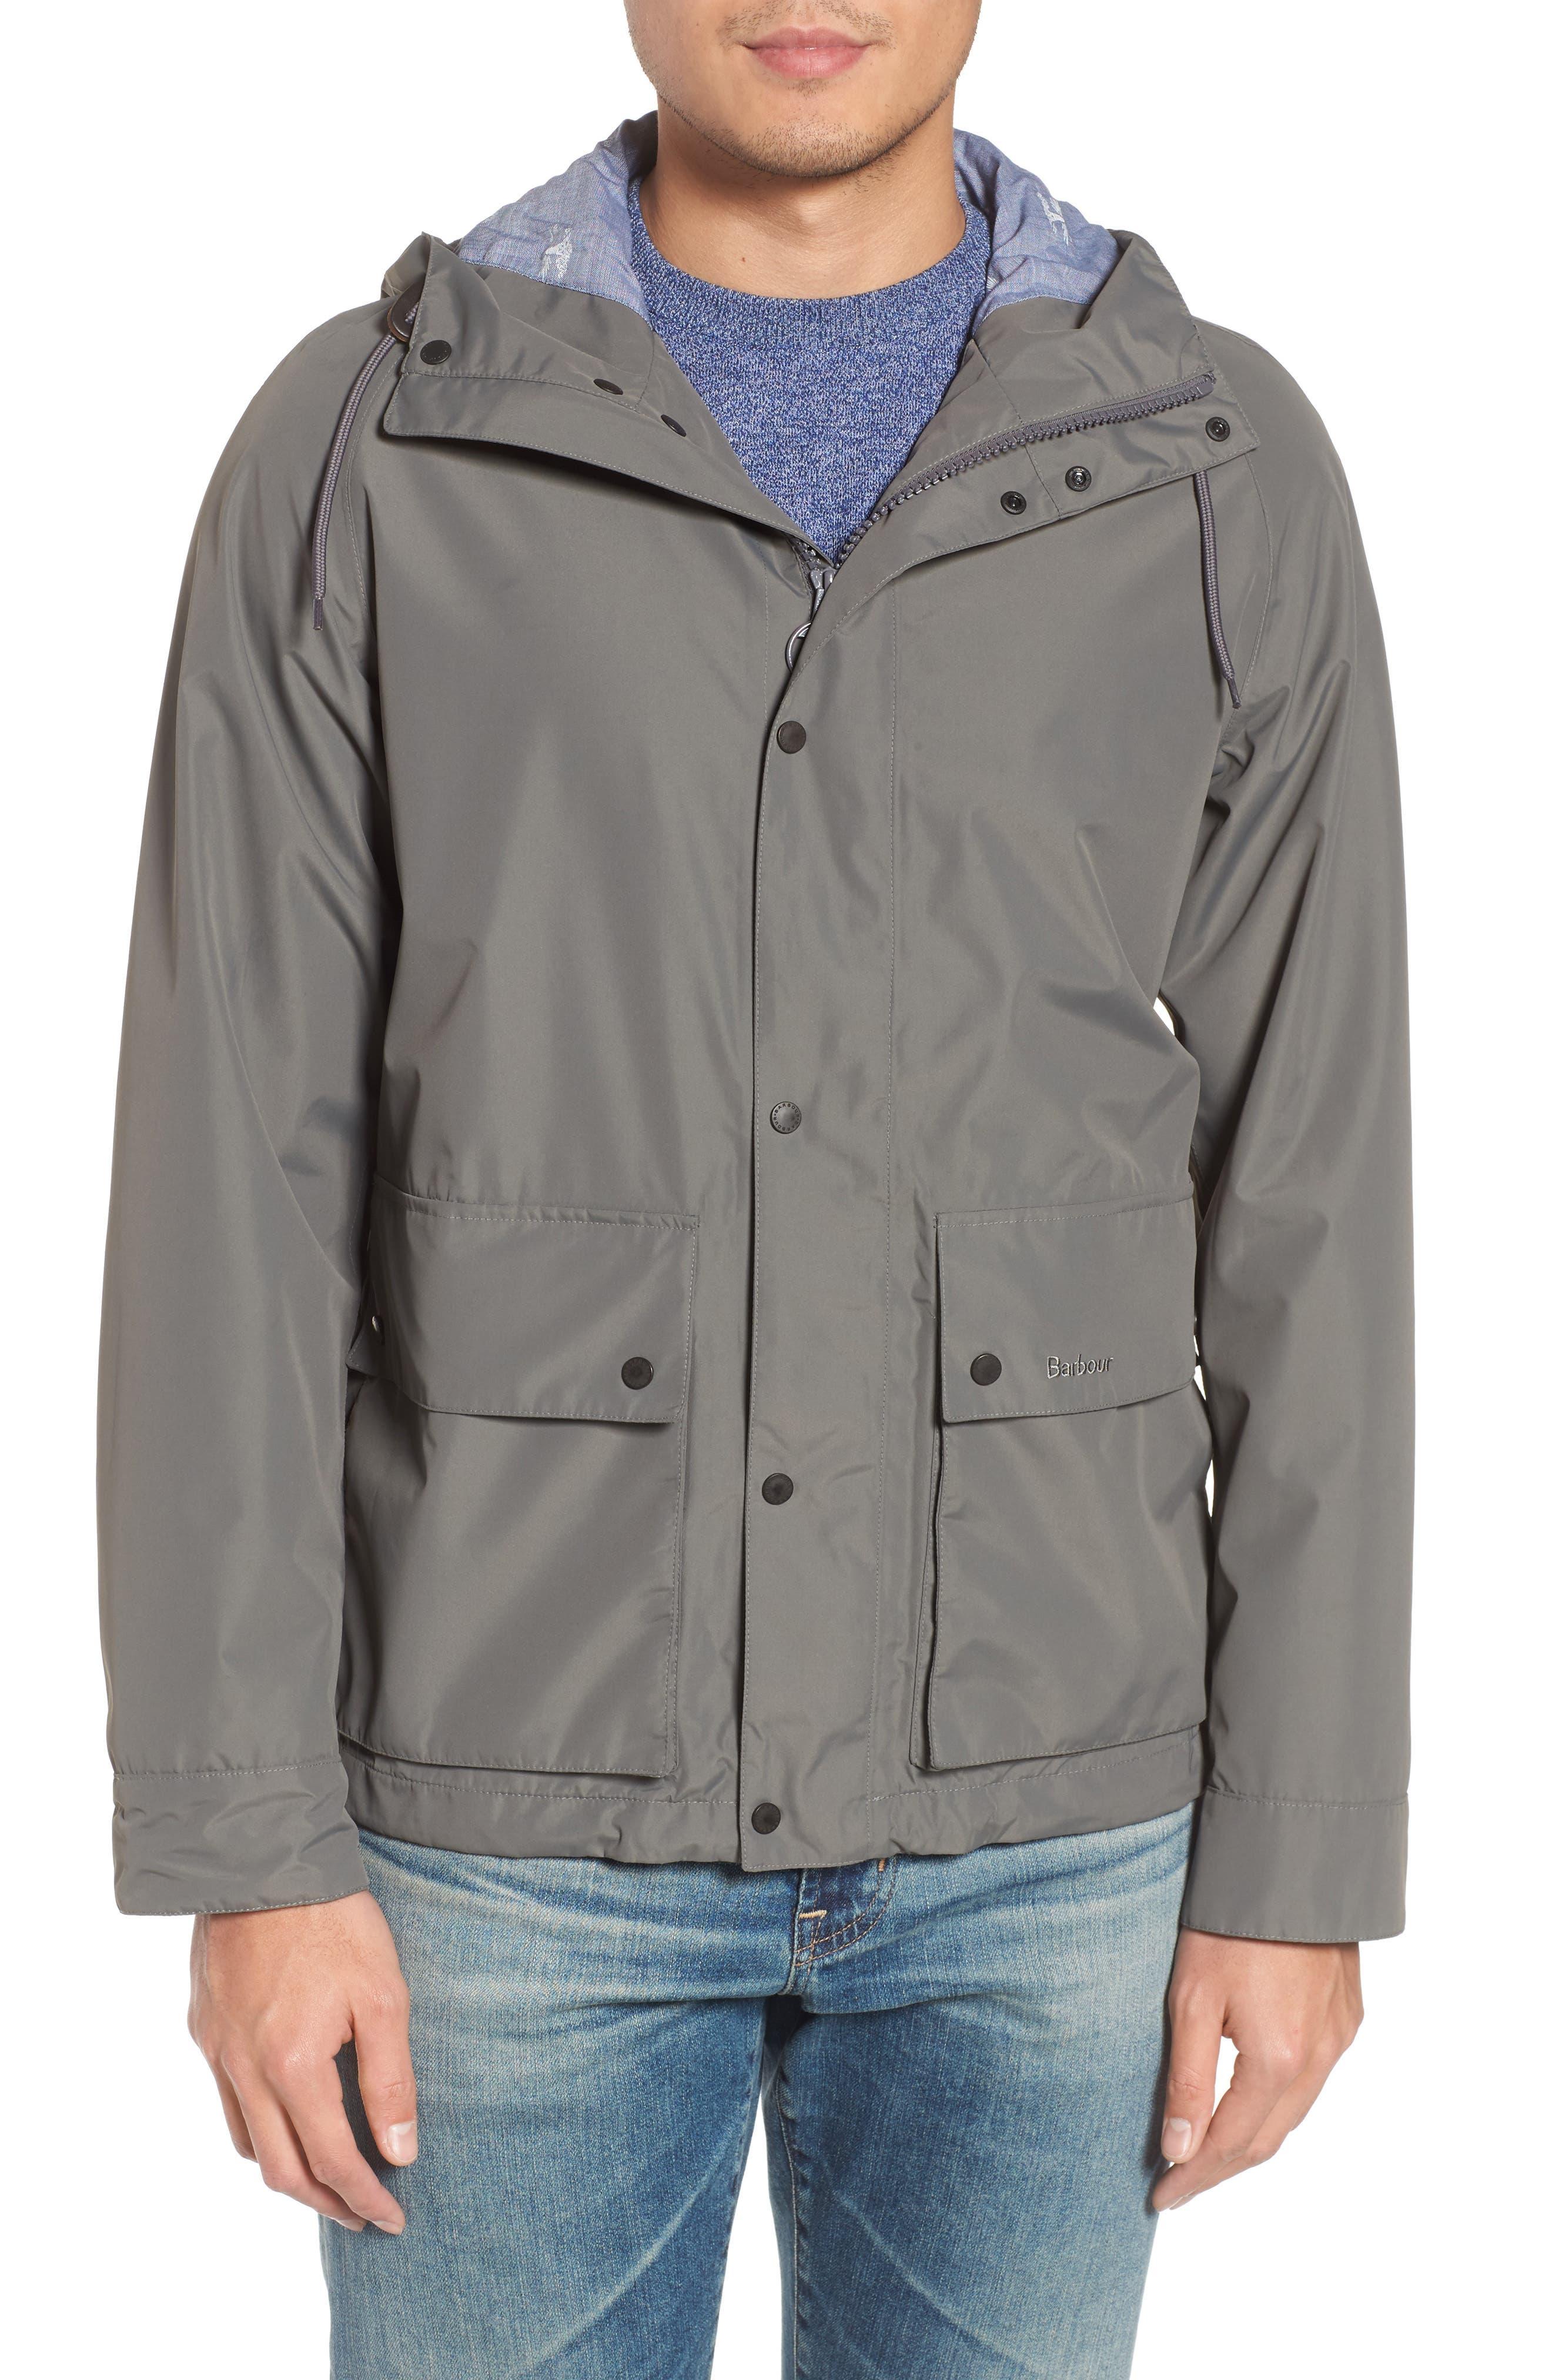 Barbour Twine Jacket